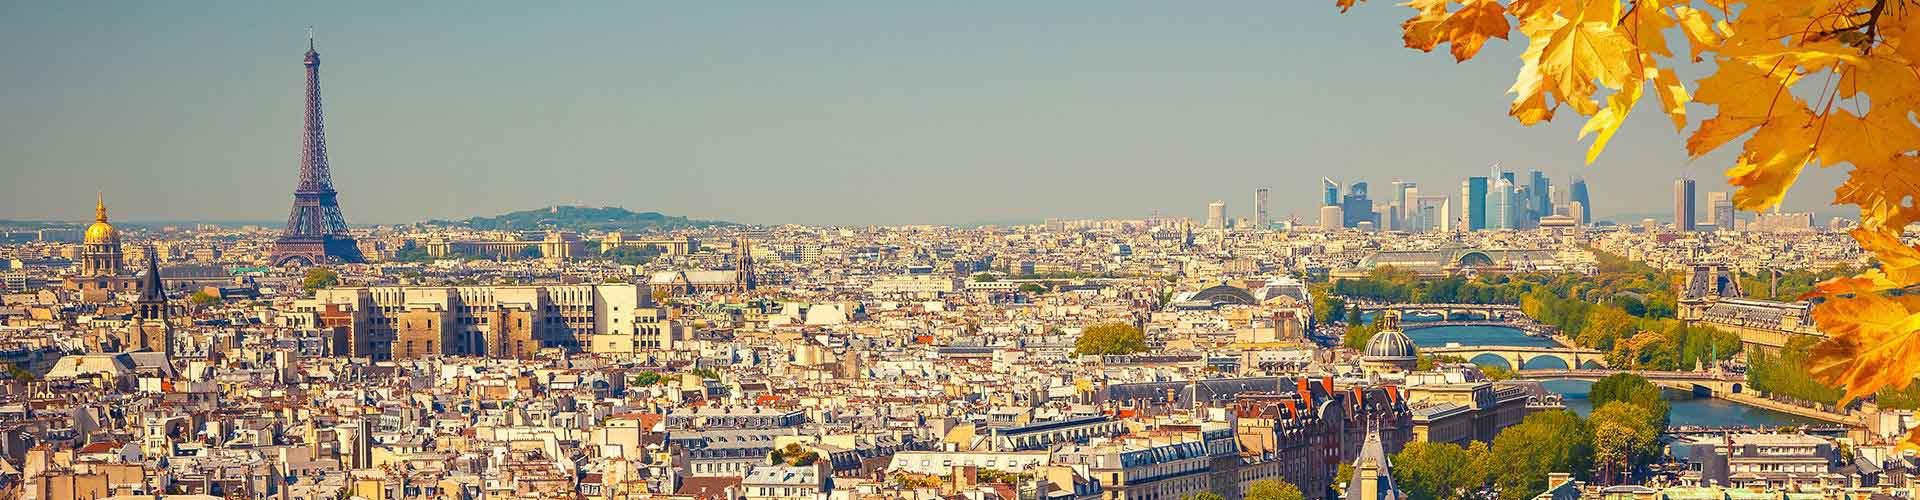 Pariisi – Hostellit kohteessa Pariisi. Pariisi -karttoja, valokuvia ja arvosteluja kaikista Pariisi -hostelleista.